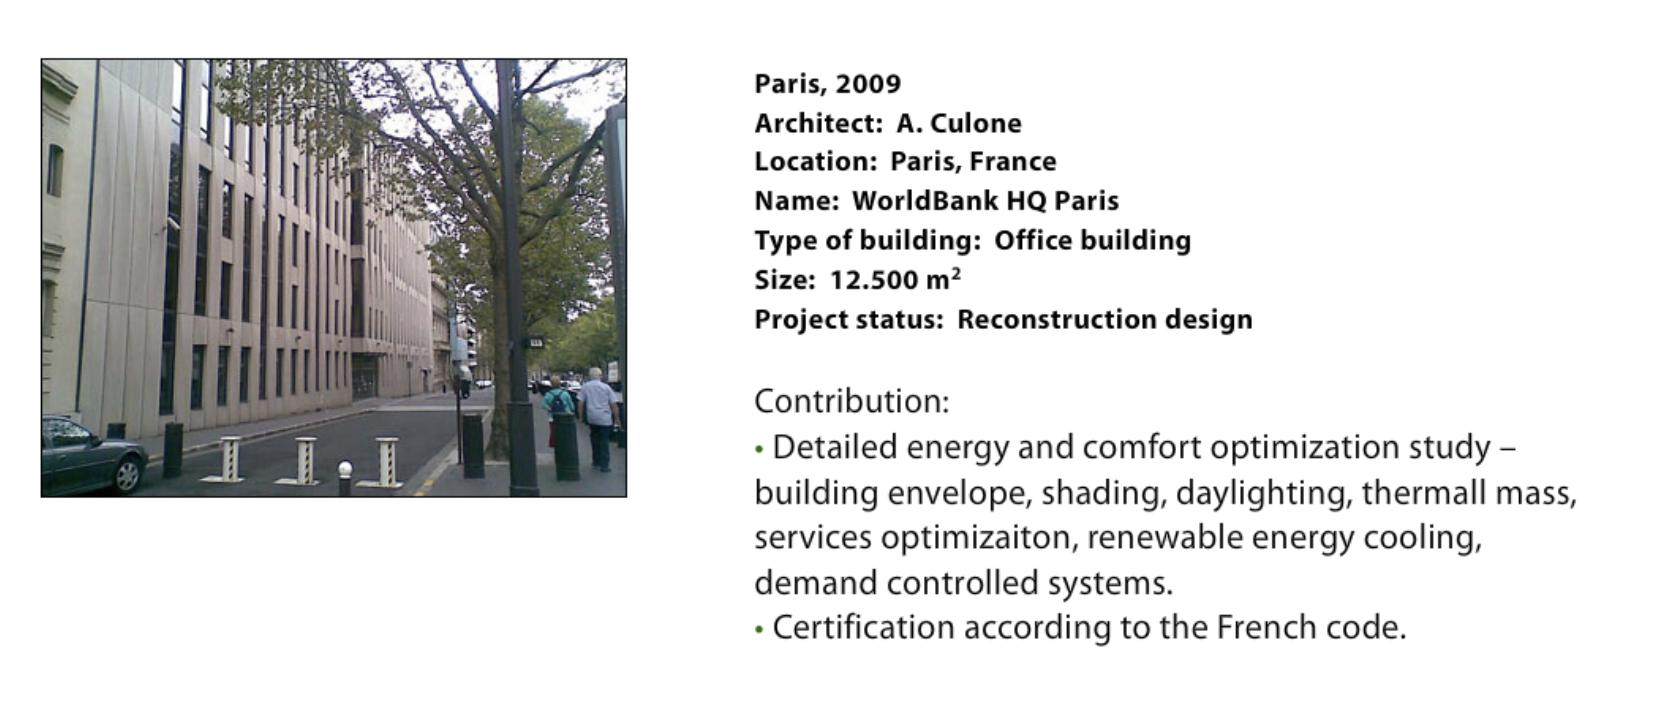 Paris_2009